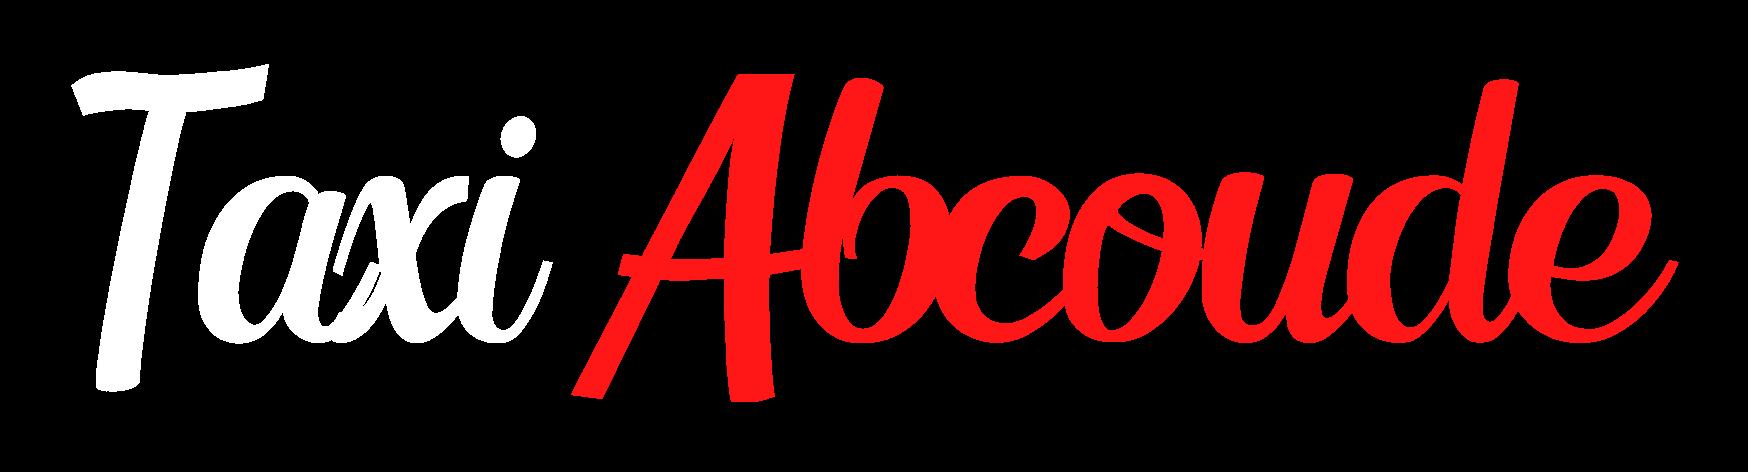 Logo Taxi Aboude